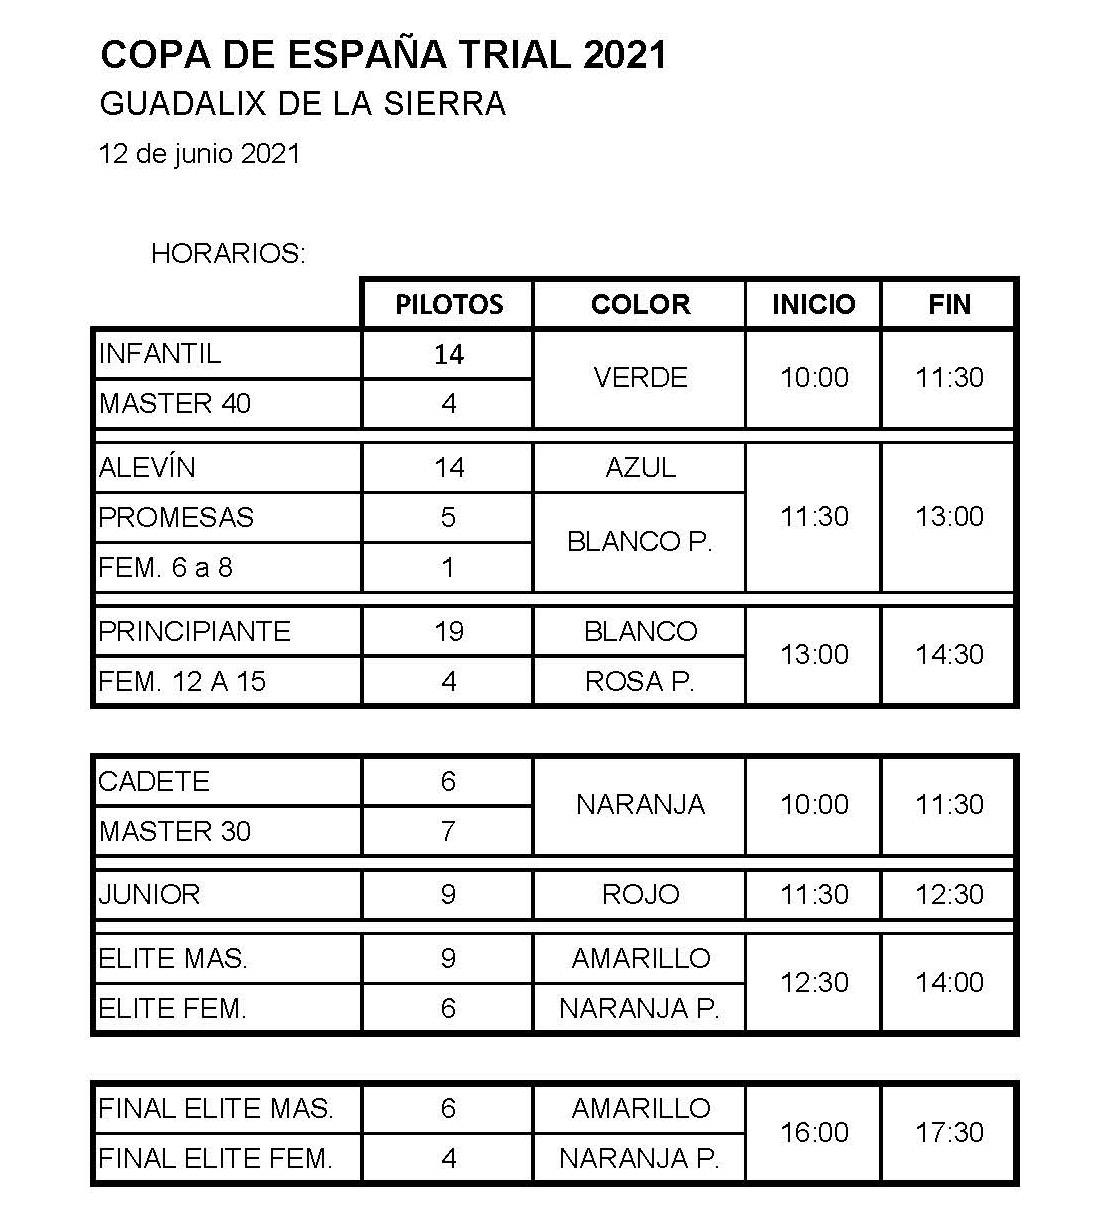 Los mejores pilotos de trial nacionales llegan a Guadalix de la Sierra el 12 de Junio (ACTUALIZADA)